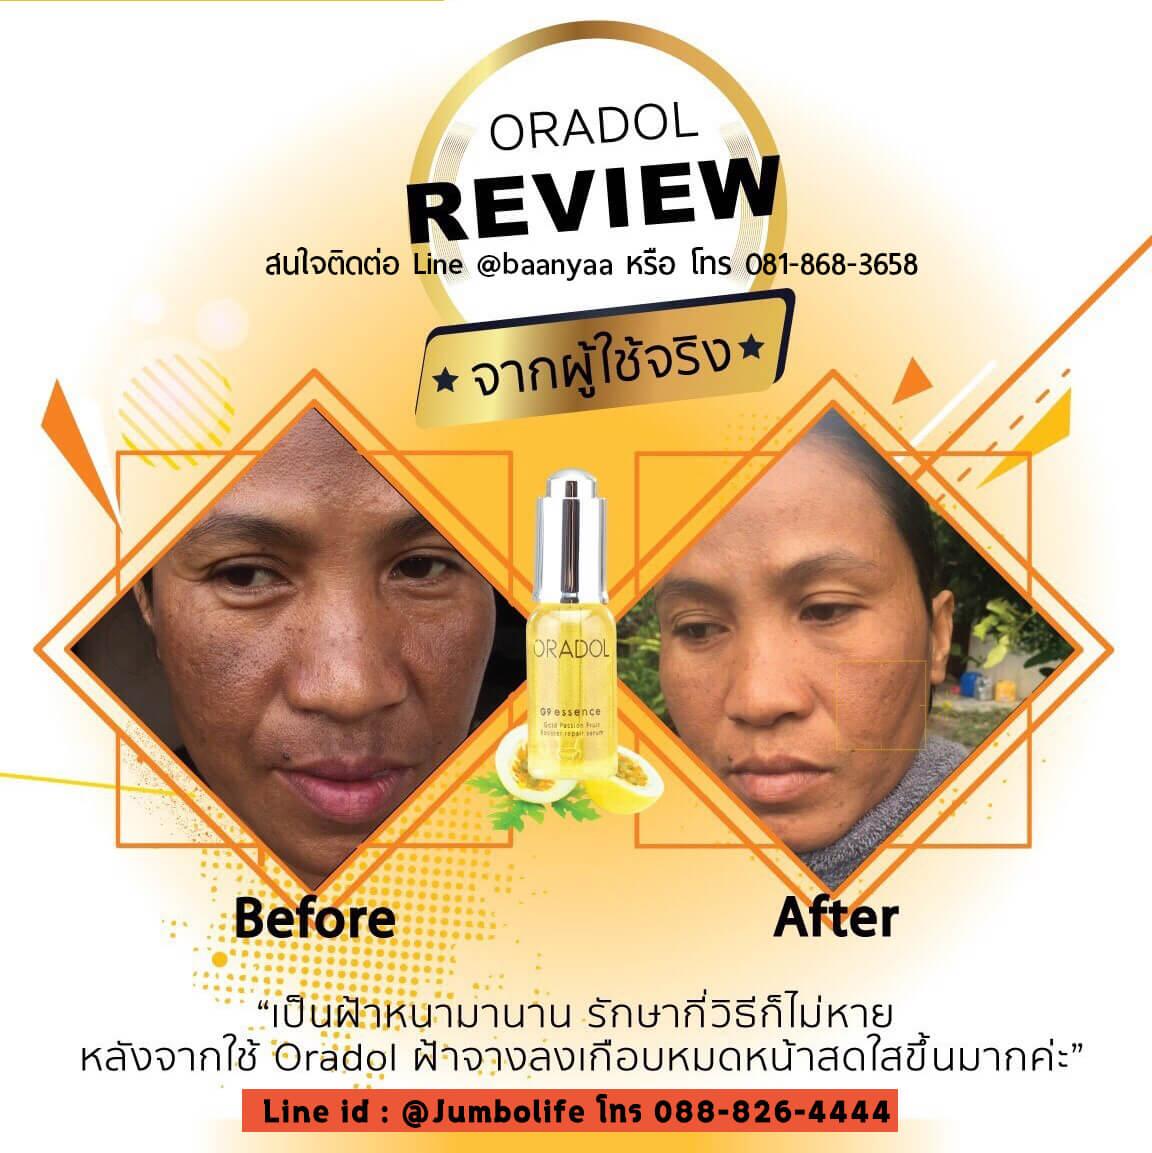 Oradol ดีไหม, Oradol เซรั่ม, ขาย Oradol, Oradol แตงโม, Oradol ราคาถูก ,ออราดอล , ออราด้อล